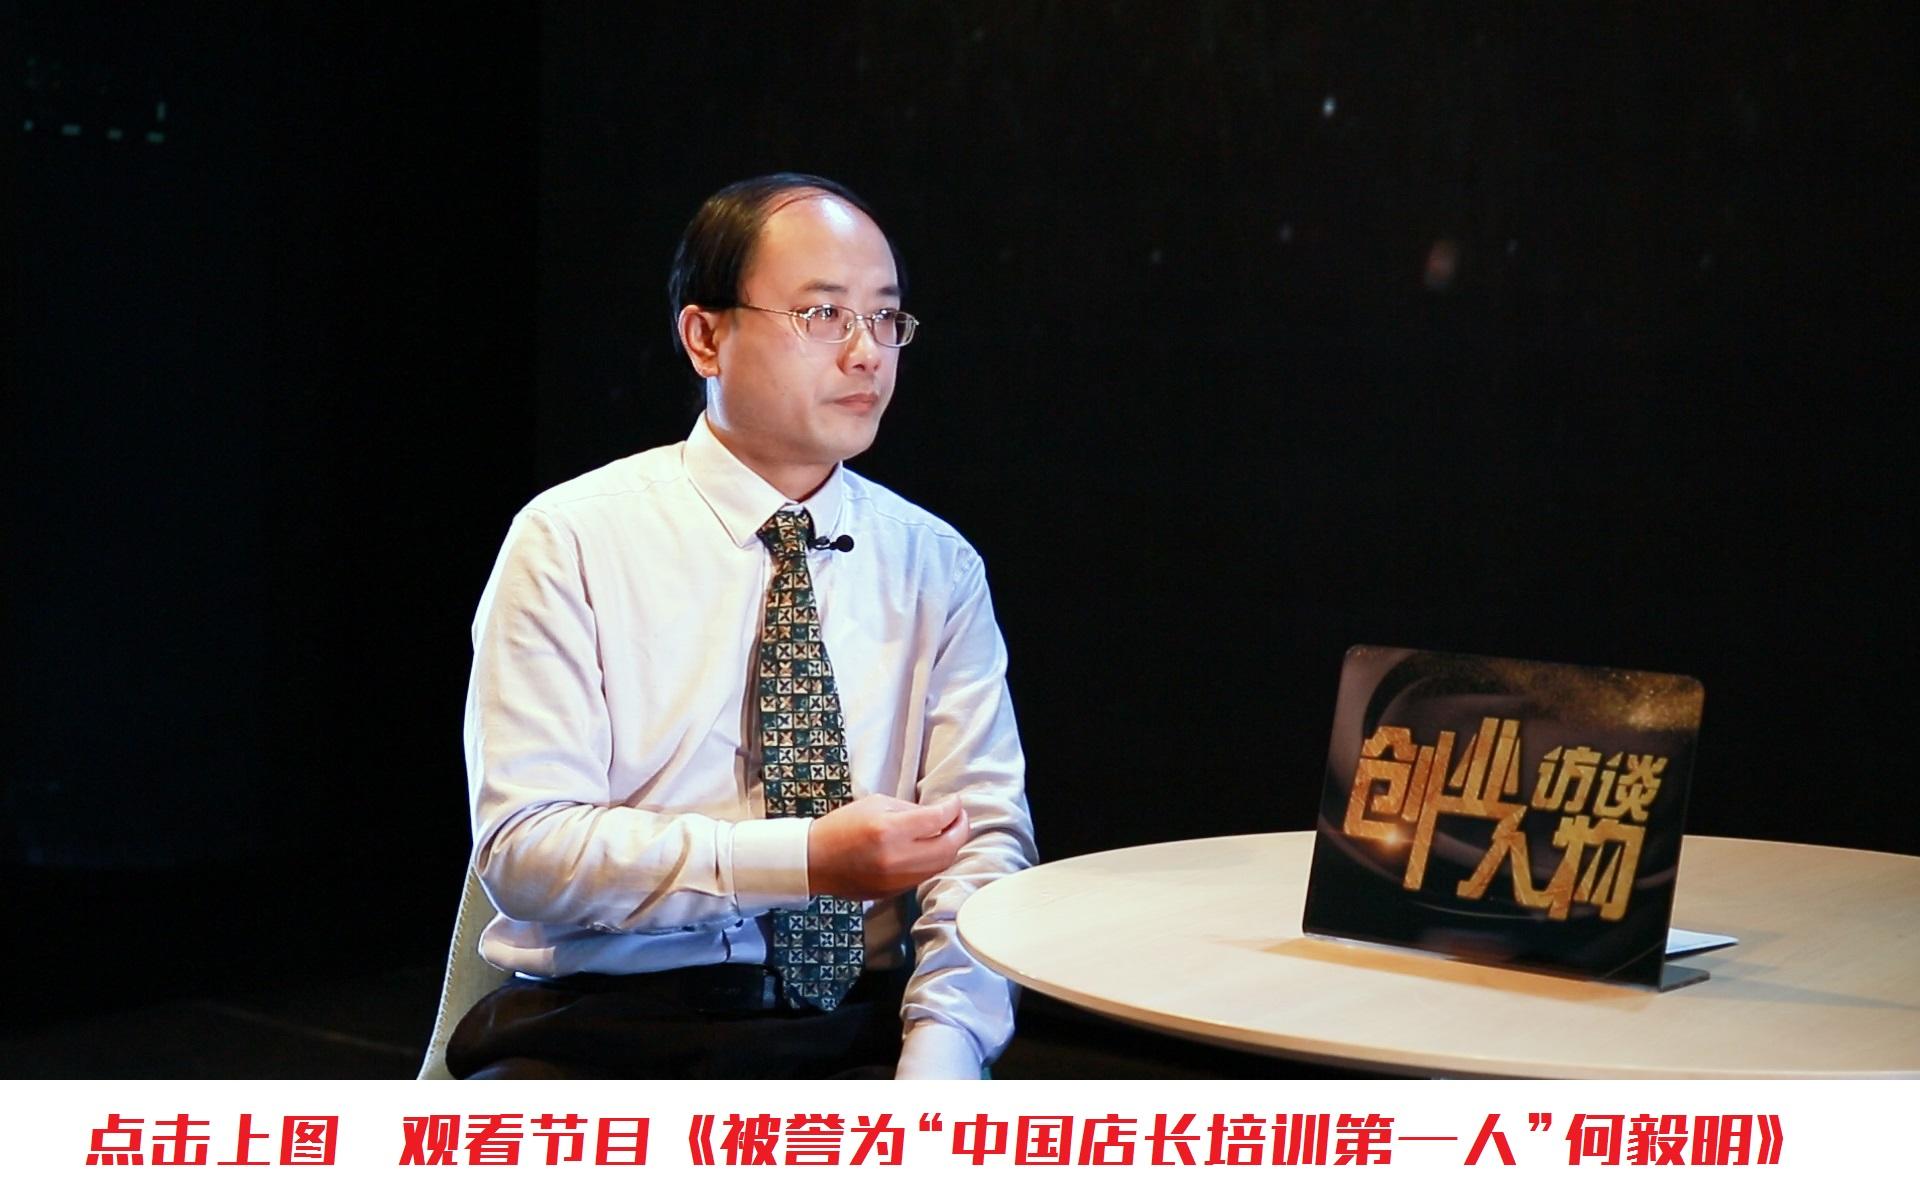 """點擊圖片 觀看節目《被譽為""""中國店長培訓第一人""""何毅明》"""